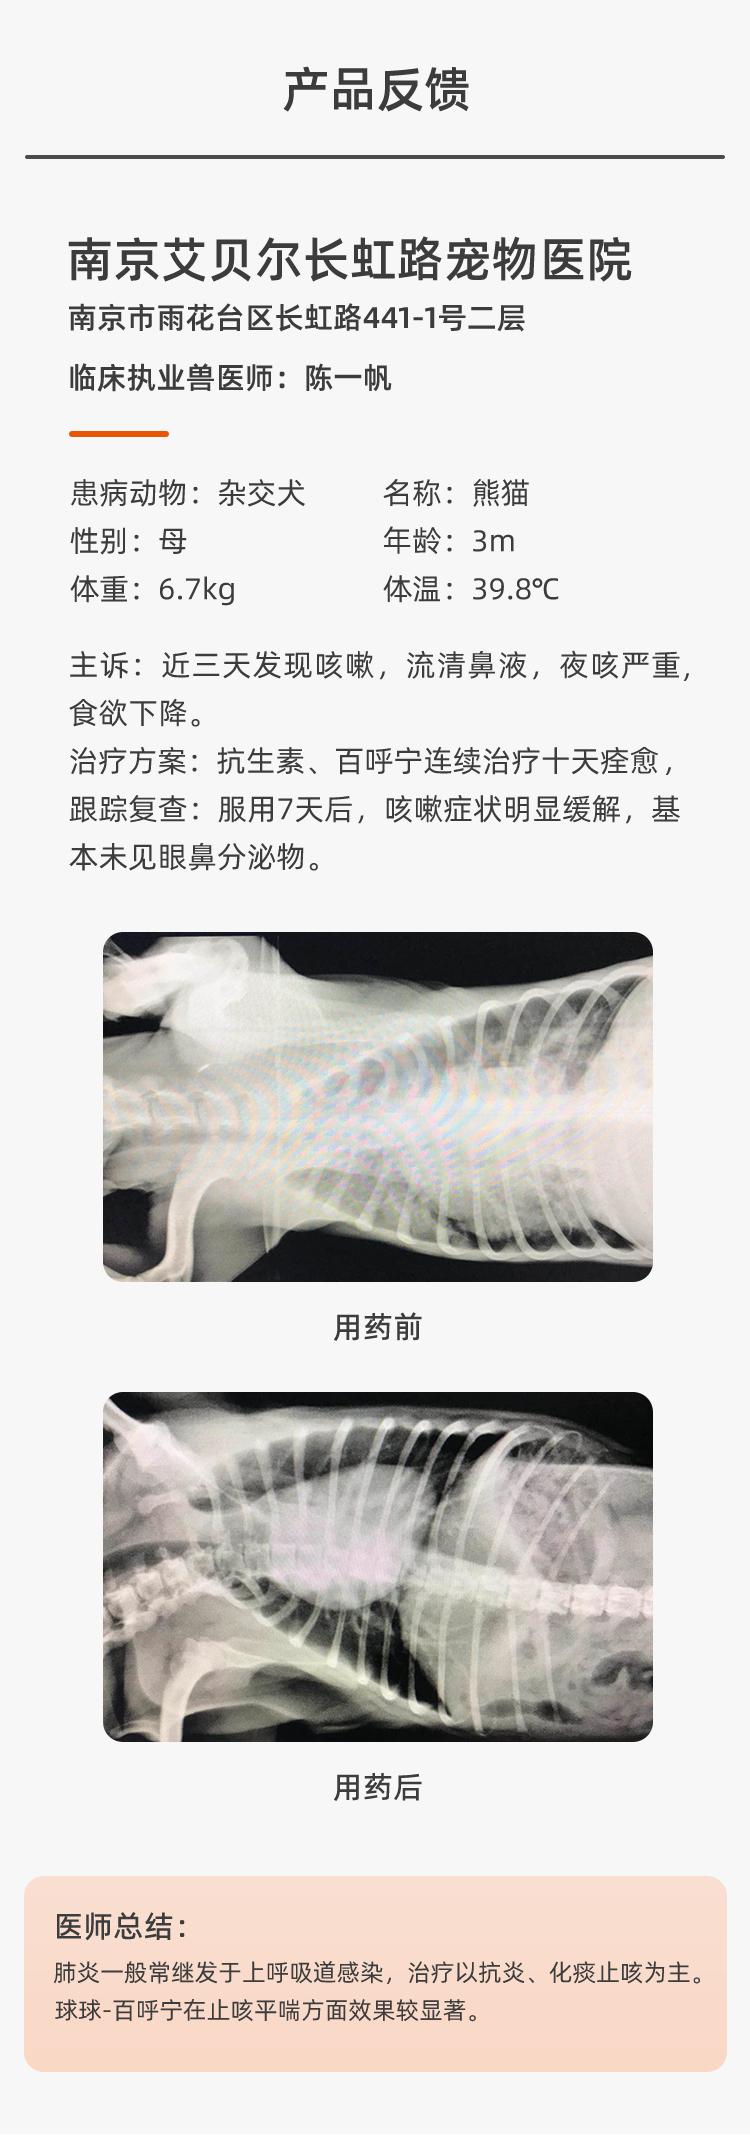 百呼宁病例图3